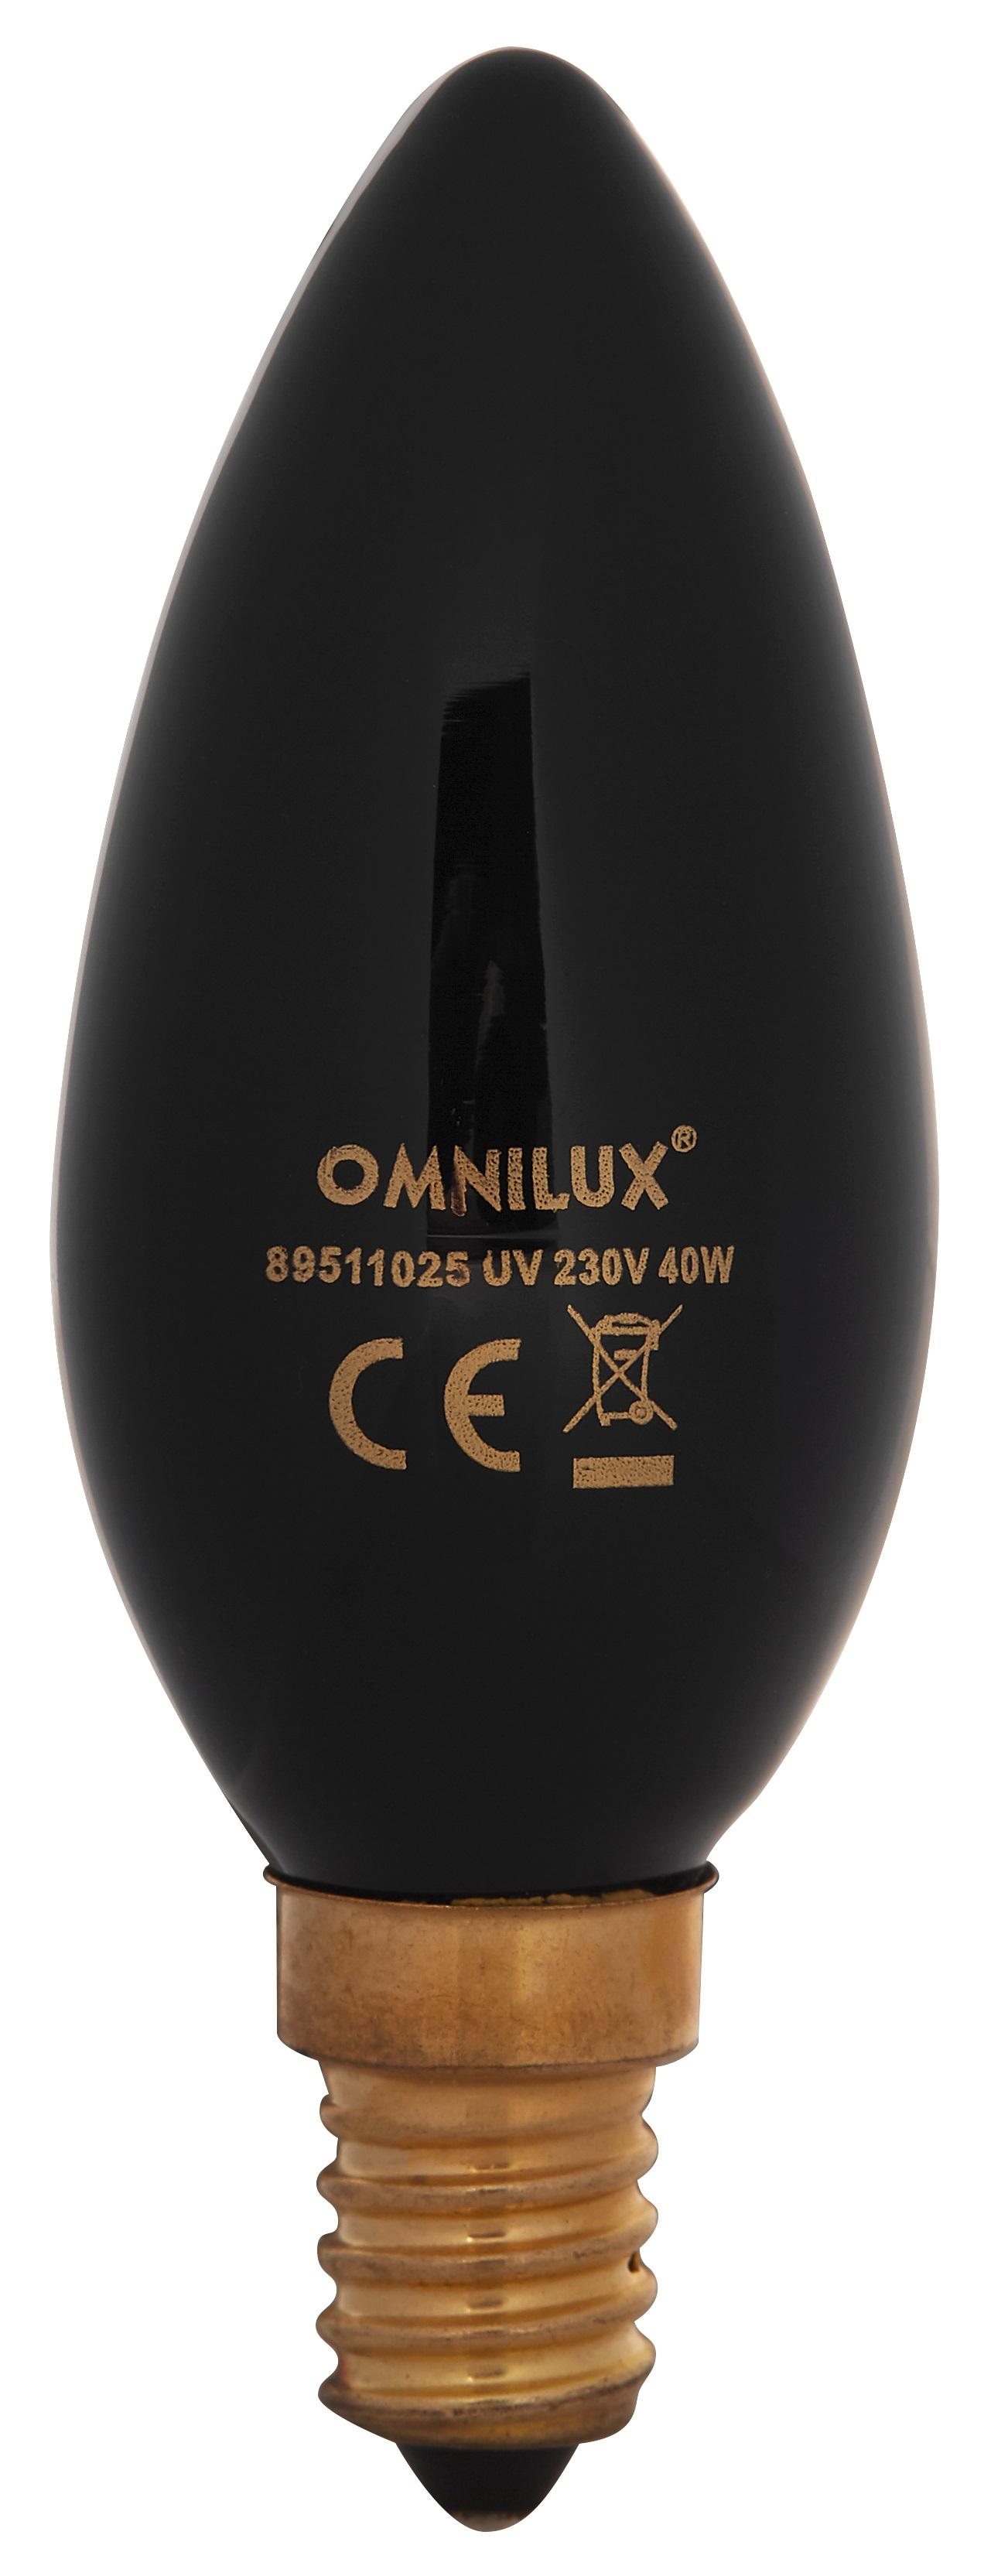 Omnilux UV 230V/40W E14 C35